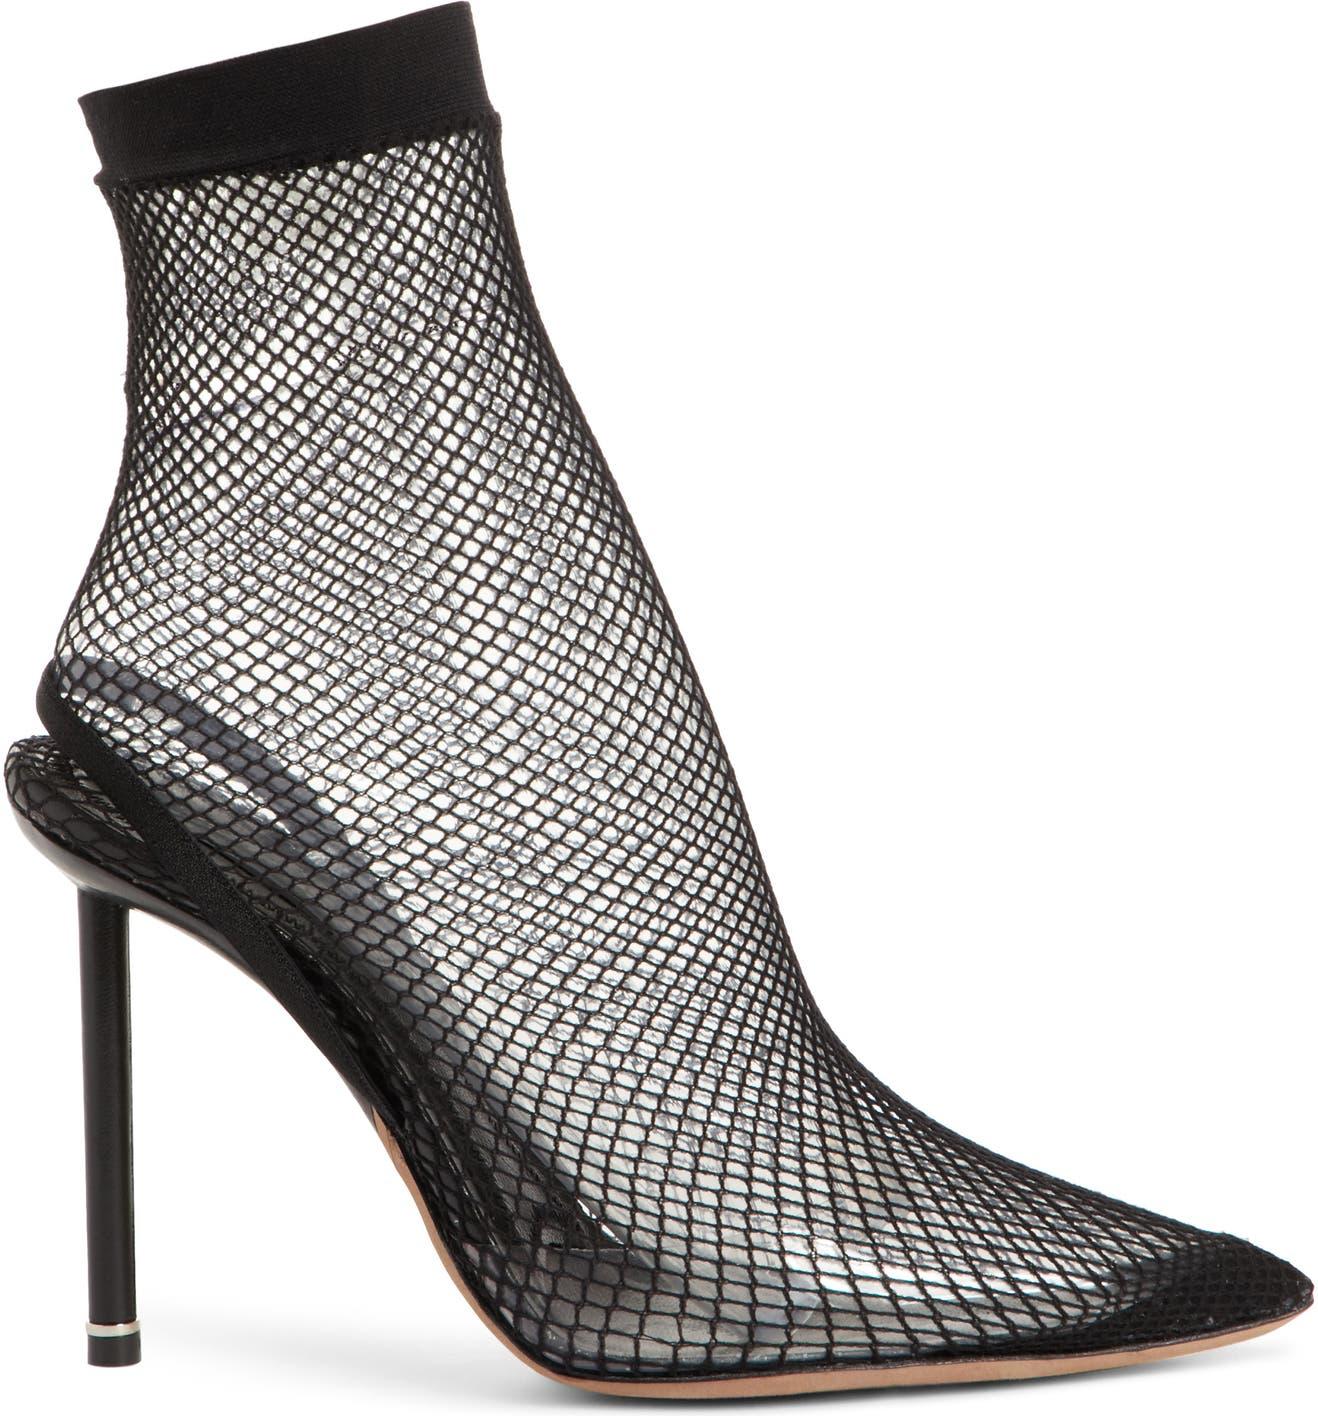 81b488164d Alexander Wang Caden Pointy Toe Sock Pump (Women) | Nordstrom